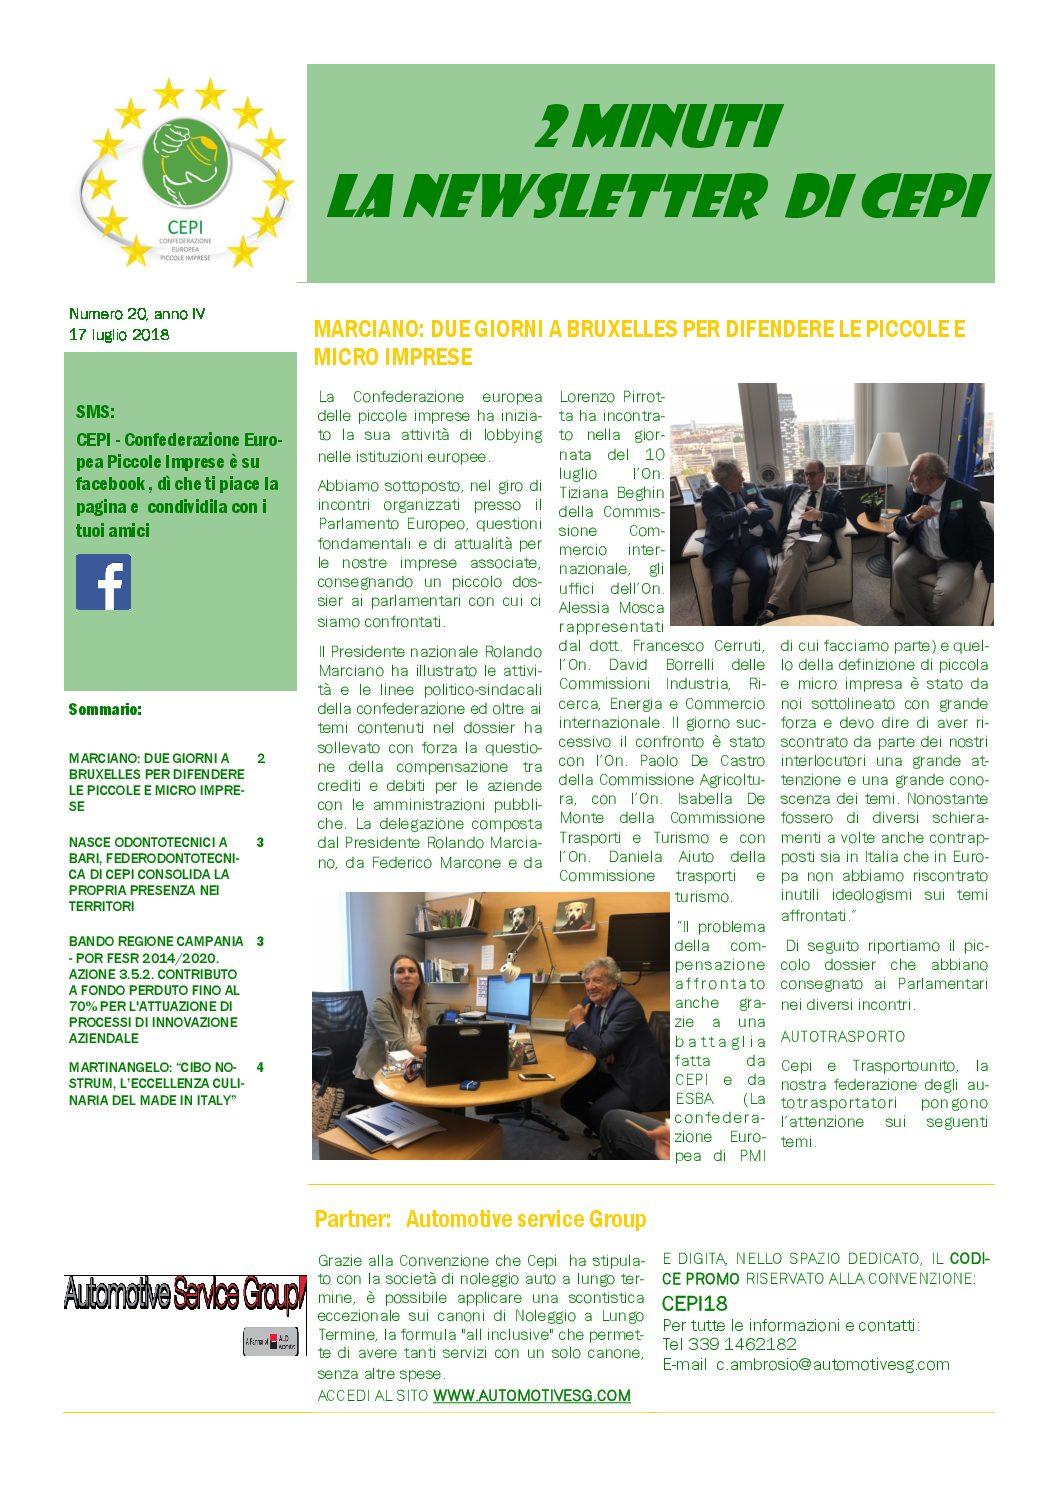 Leggi il nuovo numero di 2 minuti – la newsletter di CEPI